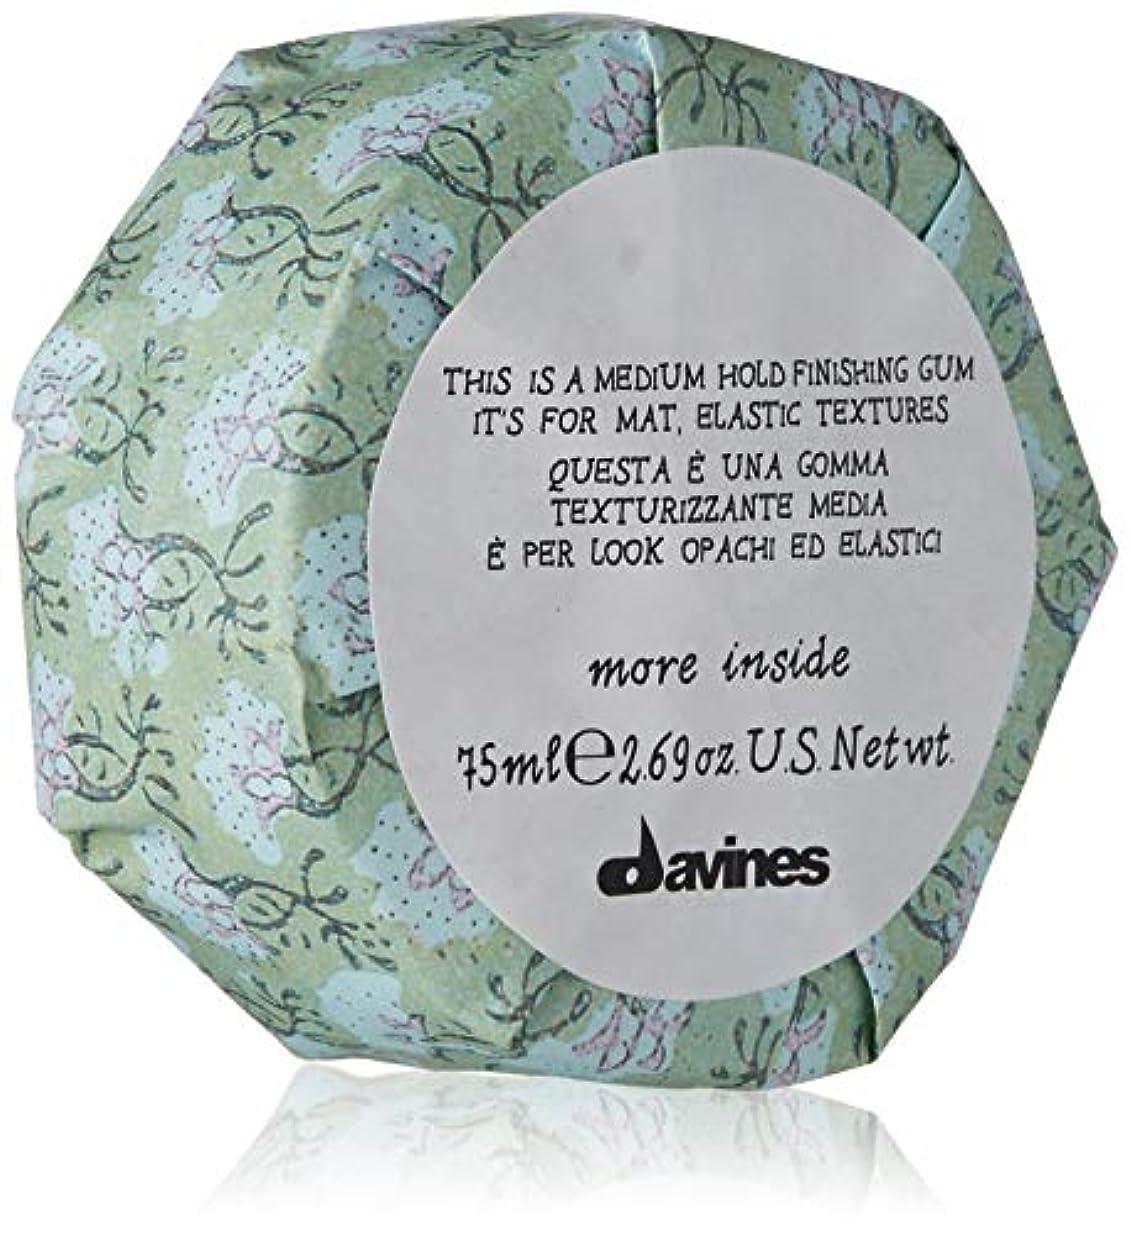 ノベルティ奪う奪うダヴィネス More Inside This Is A Medium Hold Finishing Gum (For Mat, Elastic Textures) 75ml/2.69oz並行輸入品